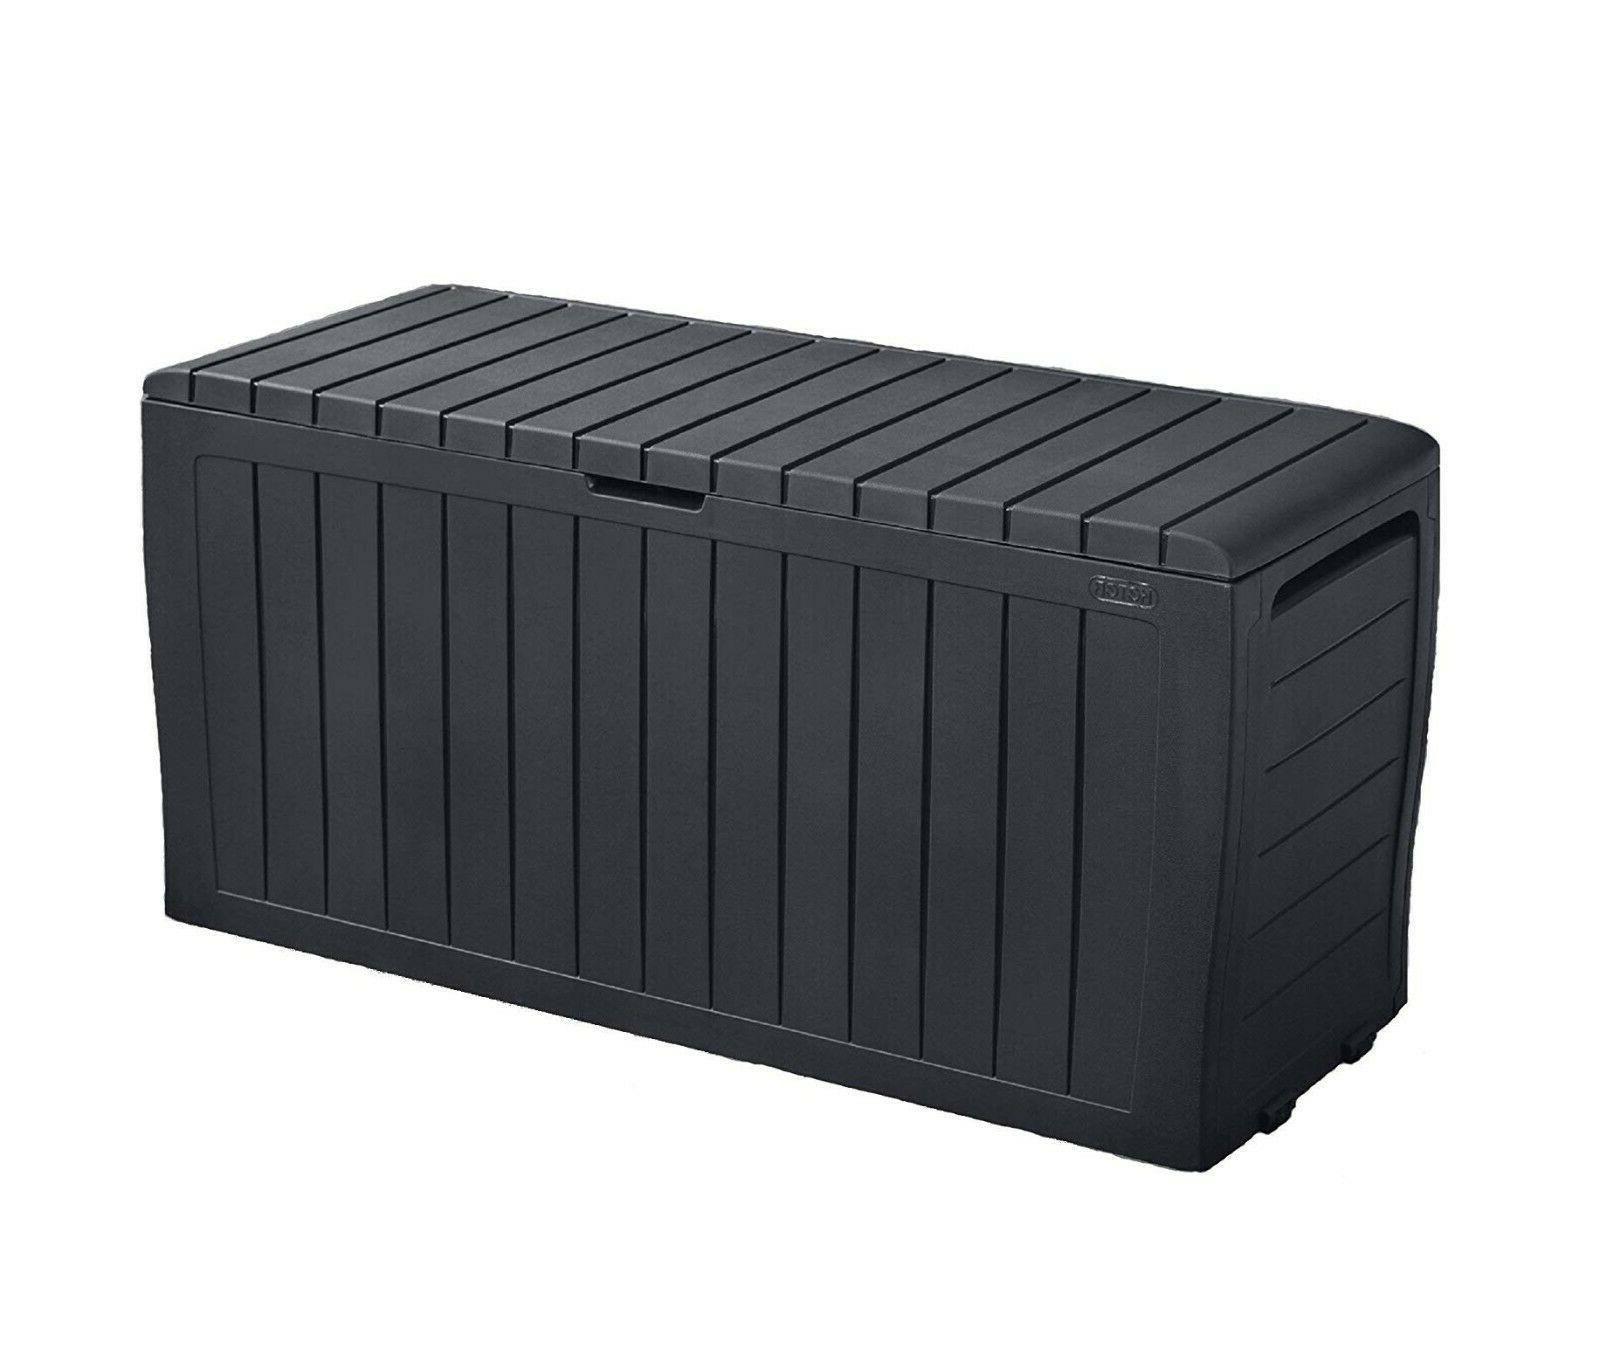 Keter Gallon Resin Outdoor Storage Furniture Cushion Storage-Large